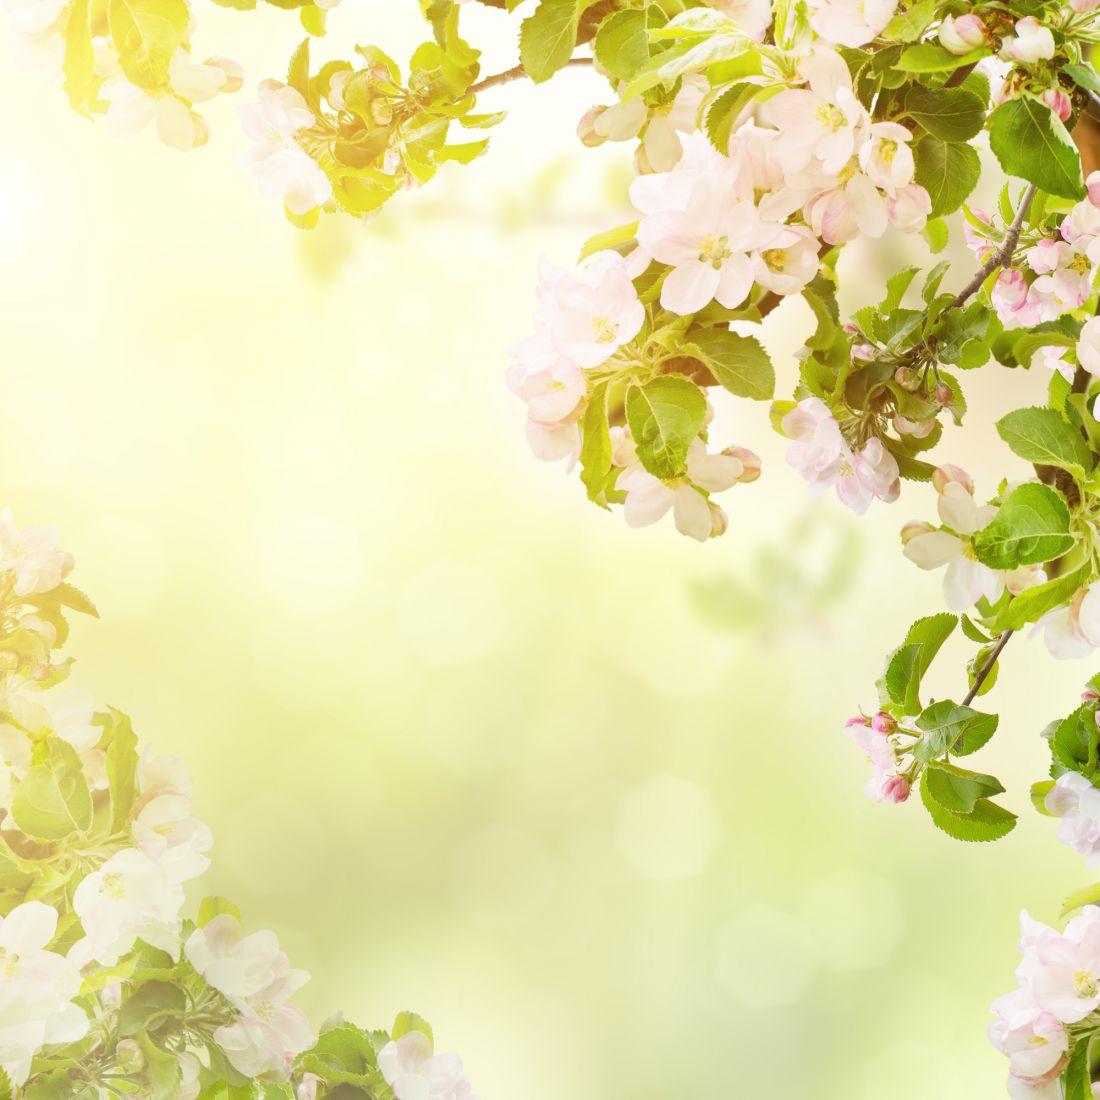 Яблони в цвету 10-259